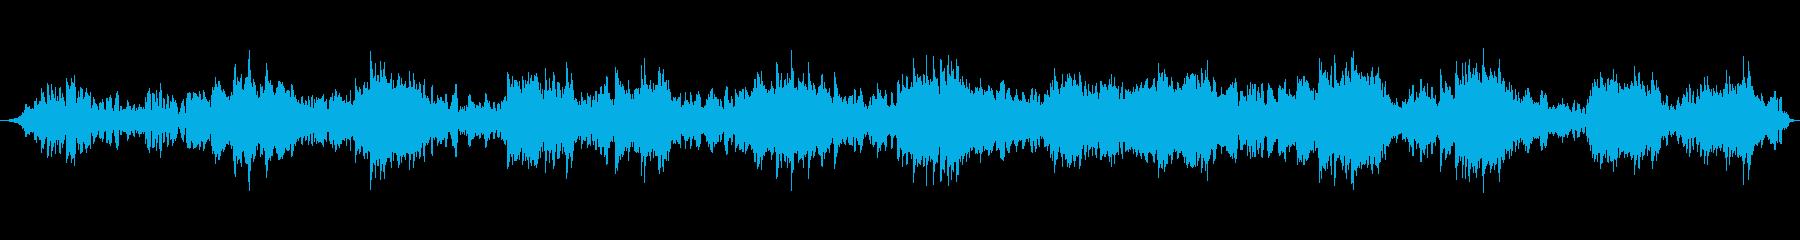 宇宙空間を感じさせるピアノの旋律の再生済みの波形